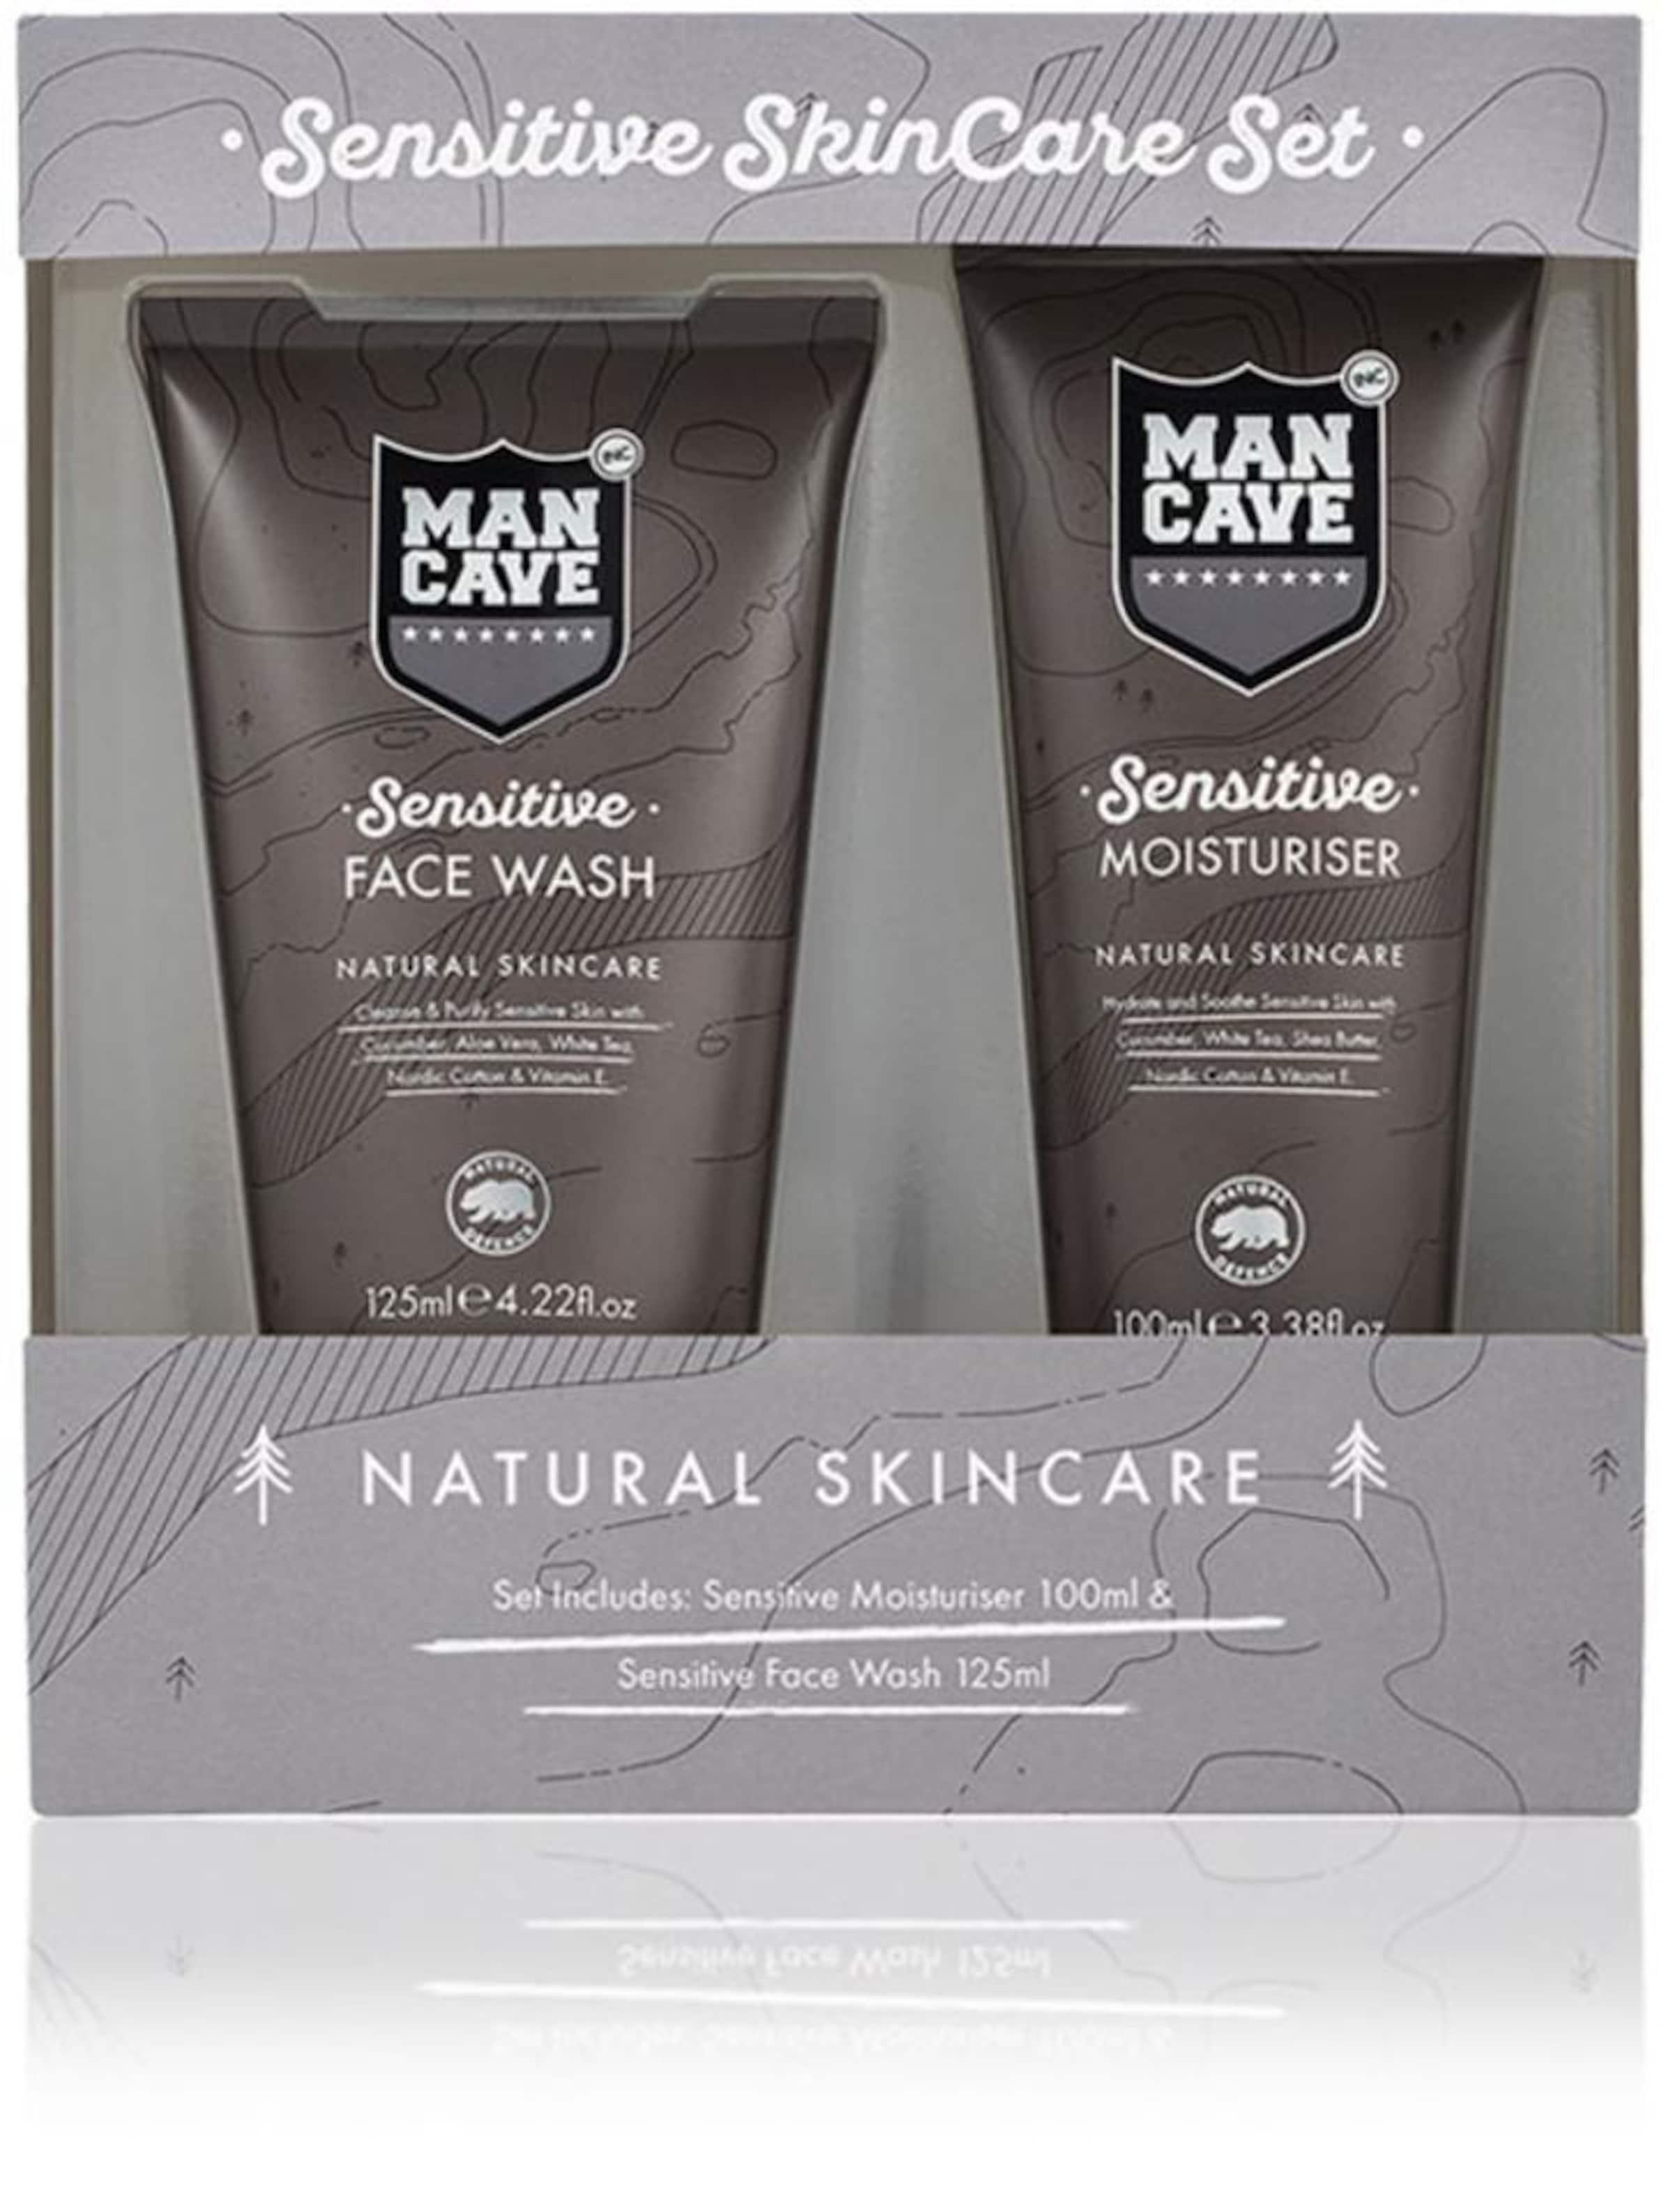 'sensitive Empfindliche Set'Gesichtspflegeset tlgIn Mancave Für Skincare Taupe Männerhaut2 nwNP0OXk8